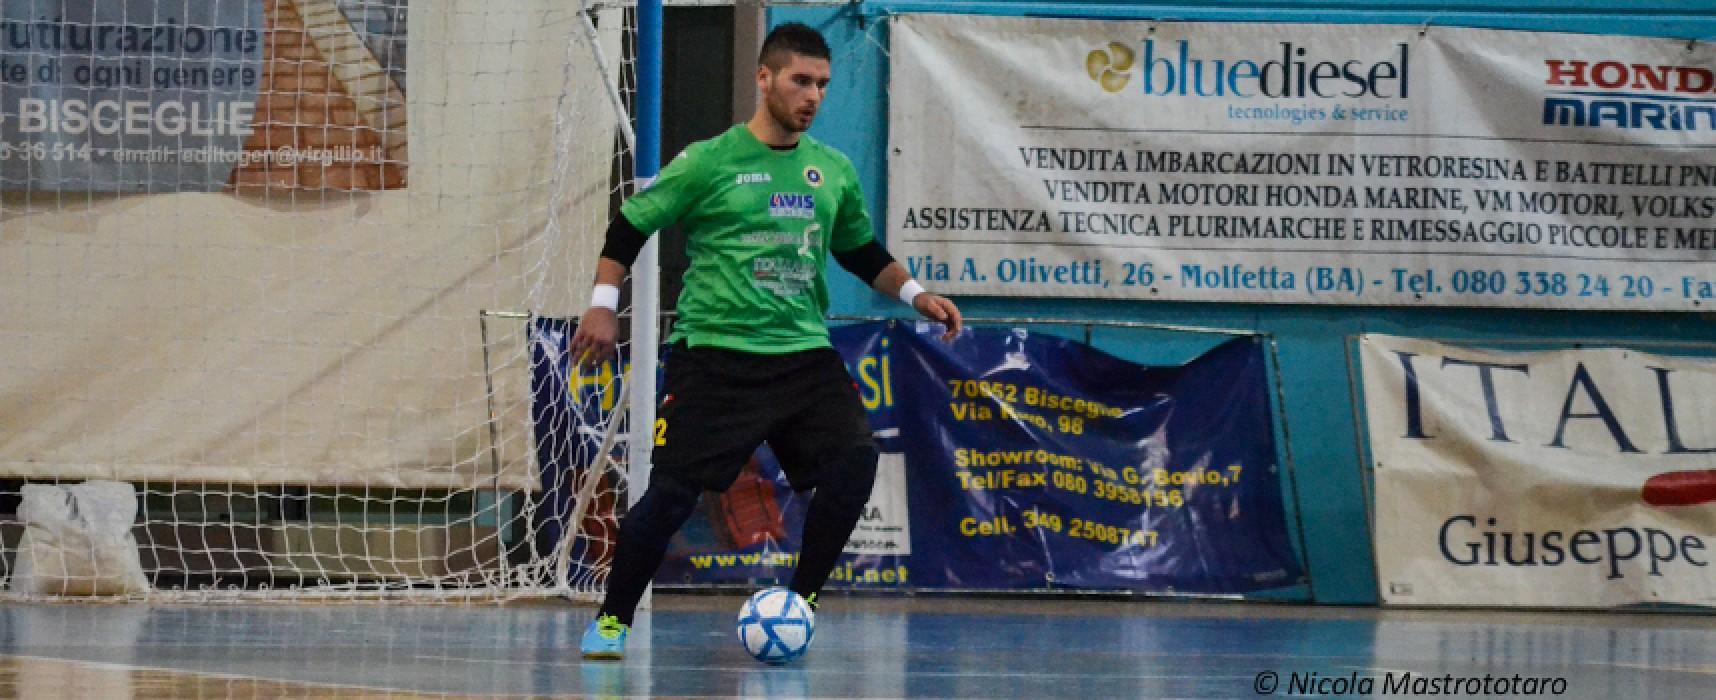 La capolista Futsal Bisceglie supera con un netto 7-2 il Venafro